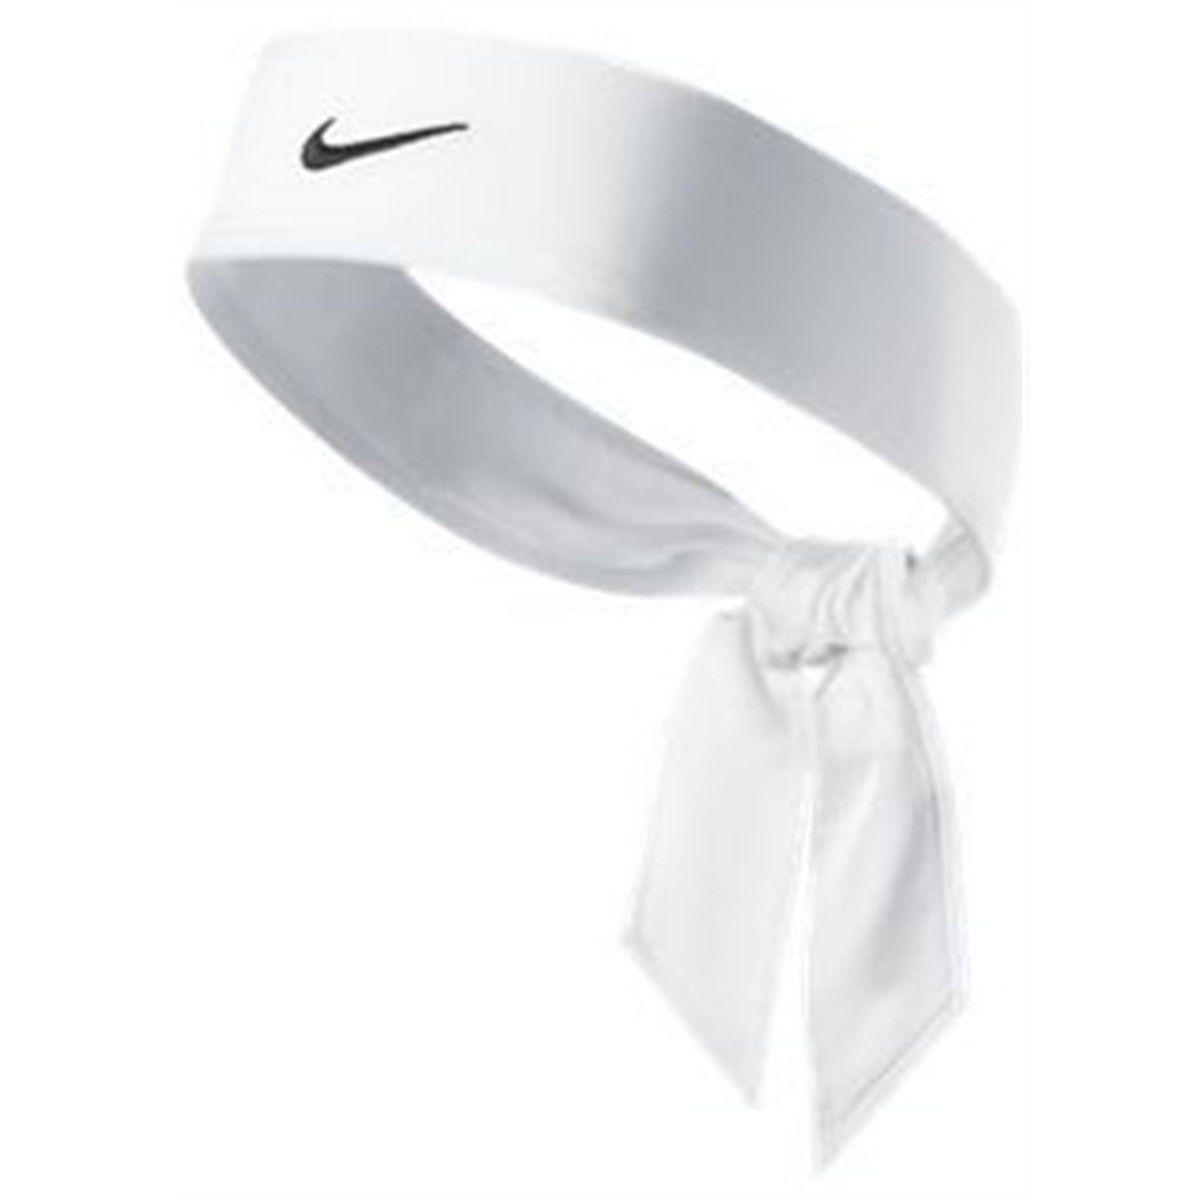 Faixa de Cabelo Nike Dri Fit Head Tie 2.0 - Branca